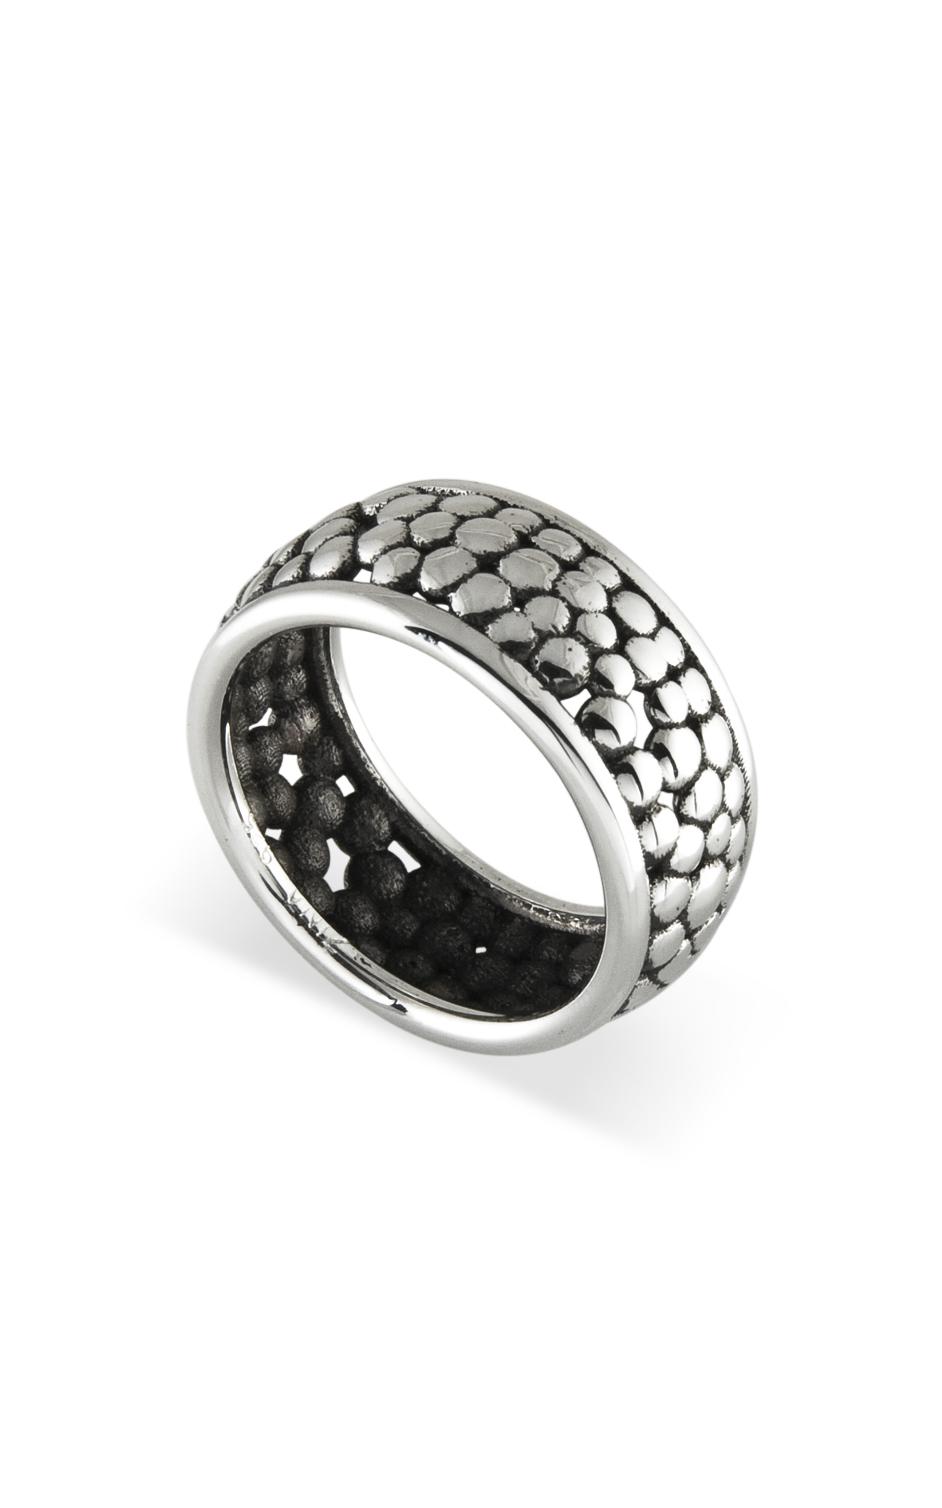 Zina Rain Fashion Ring Z1477 product image